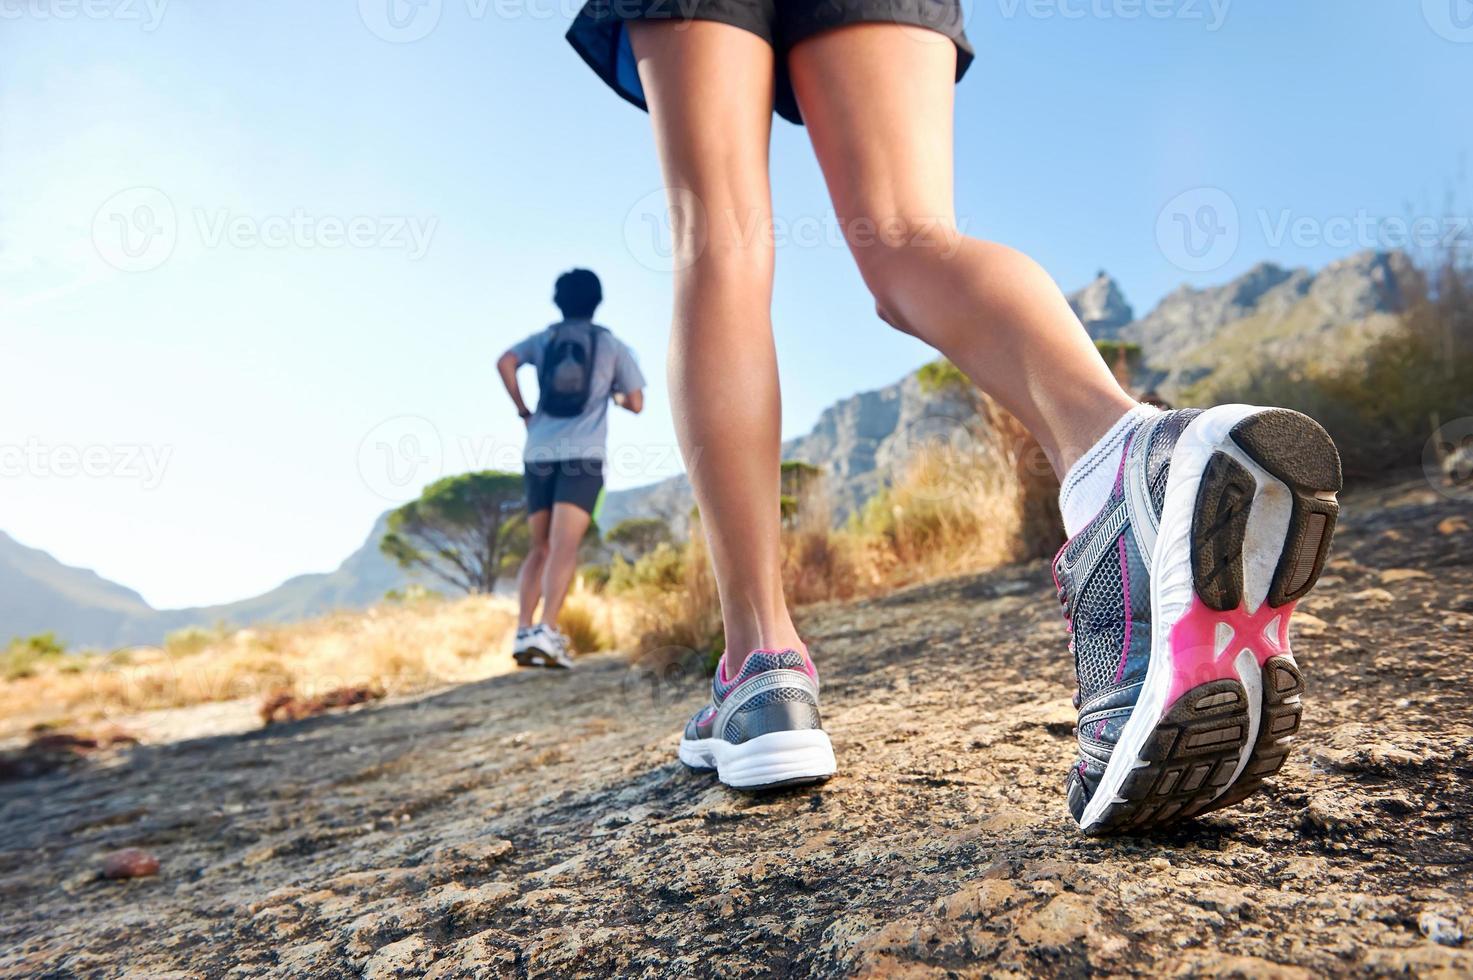 feet running outdoor photo